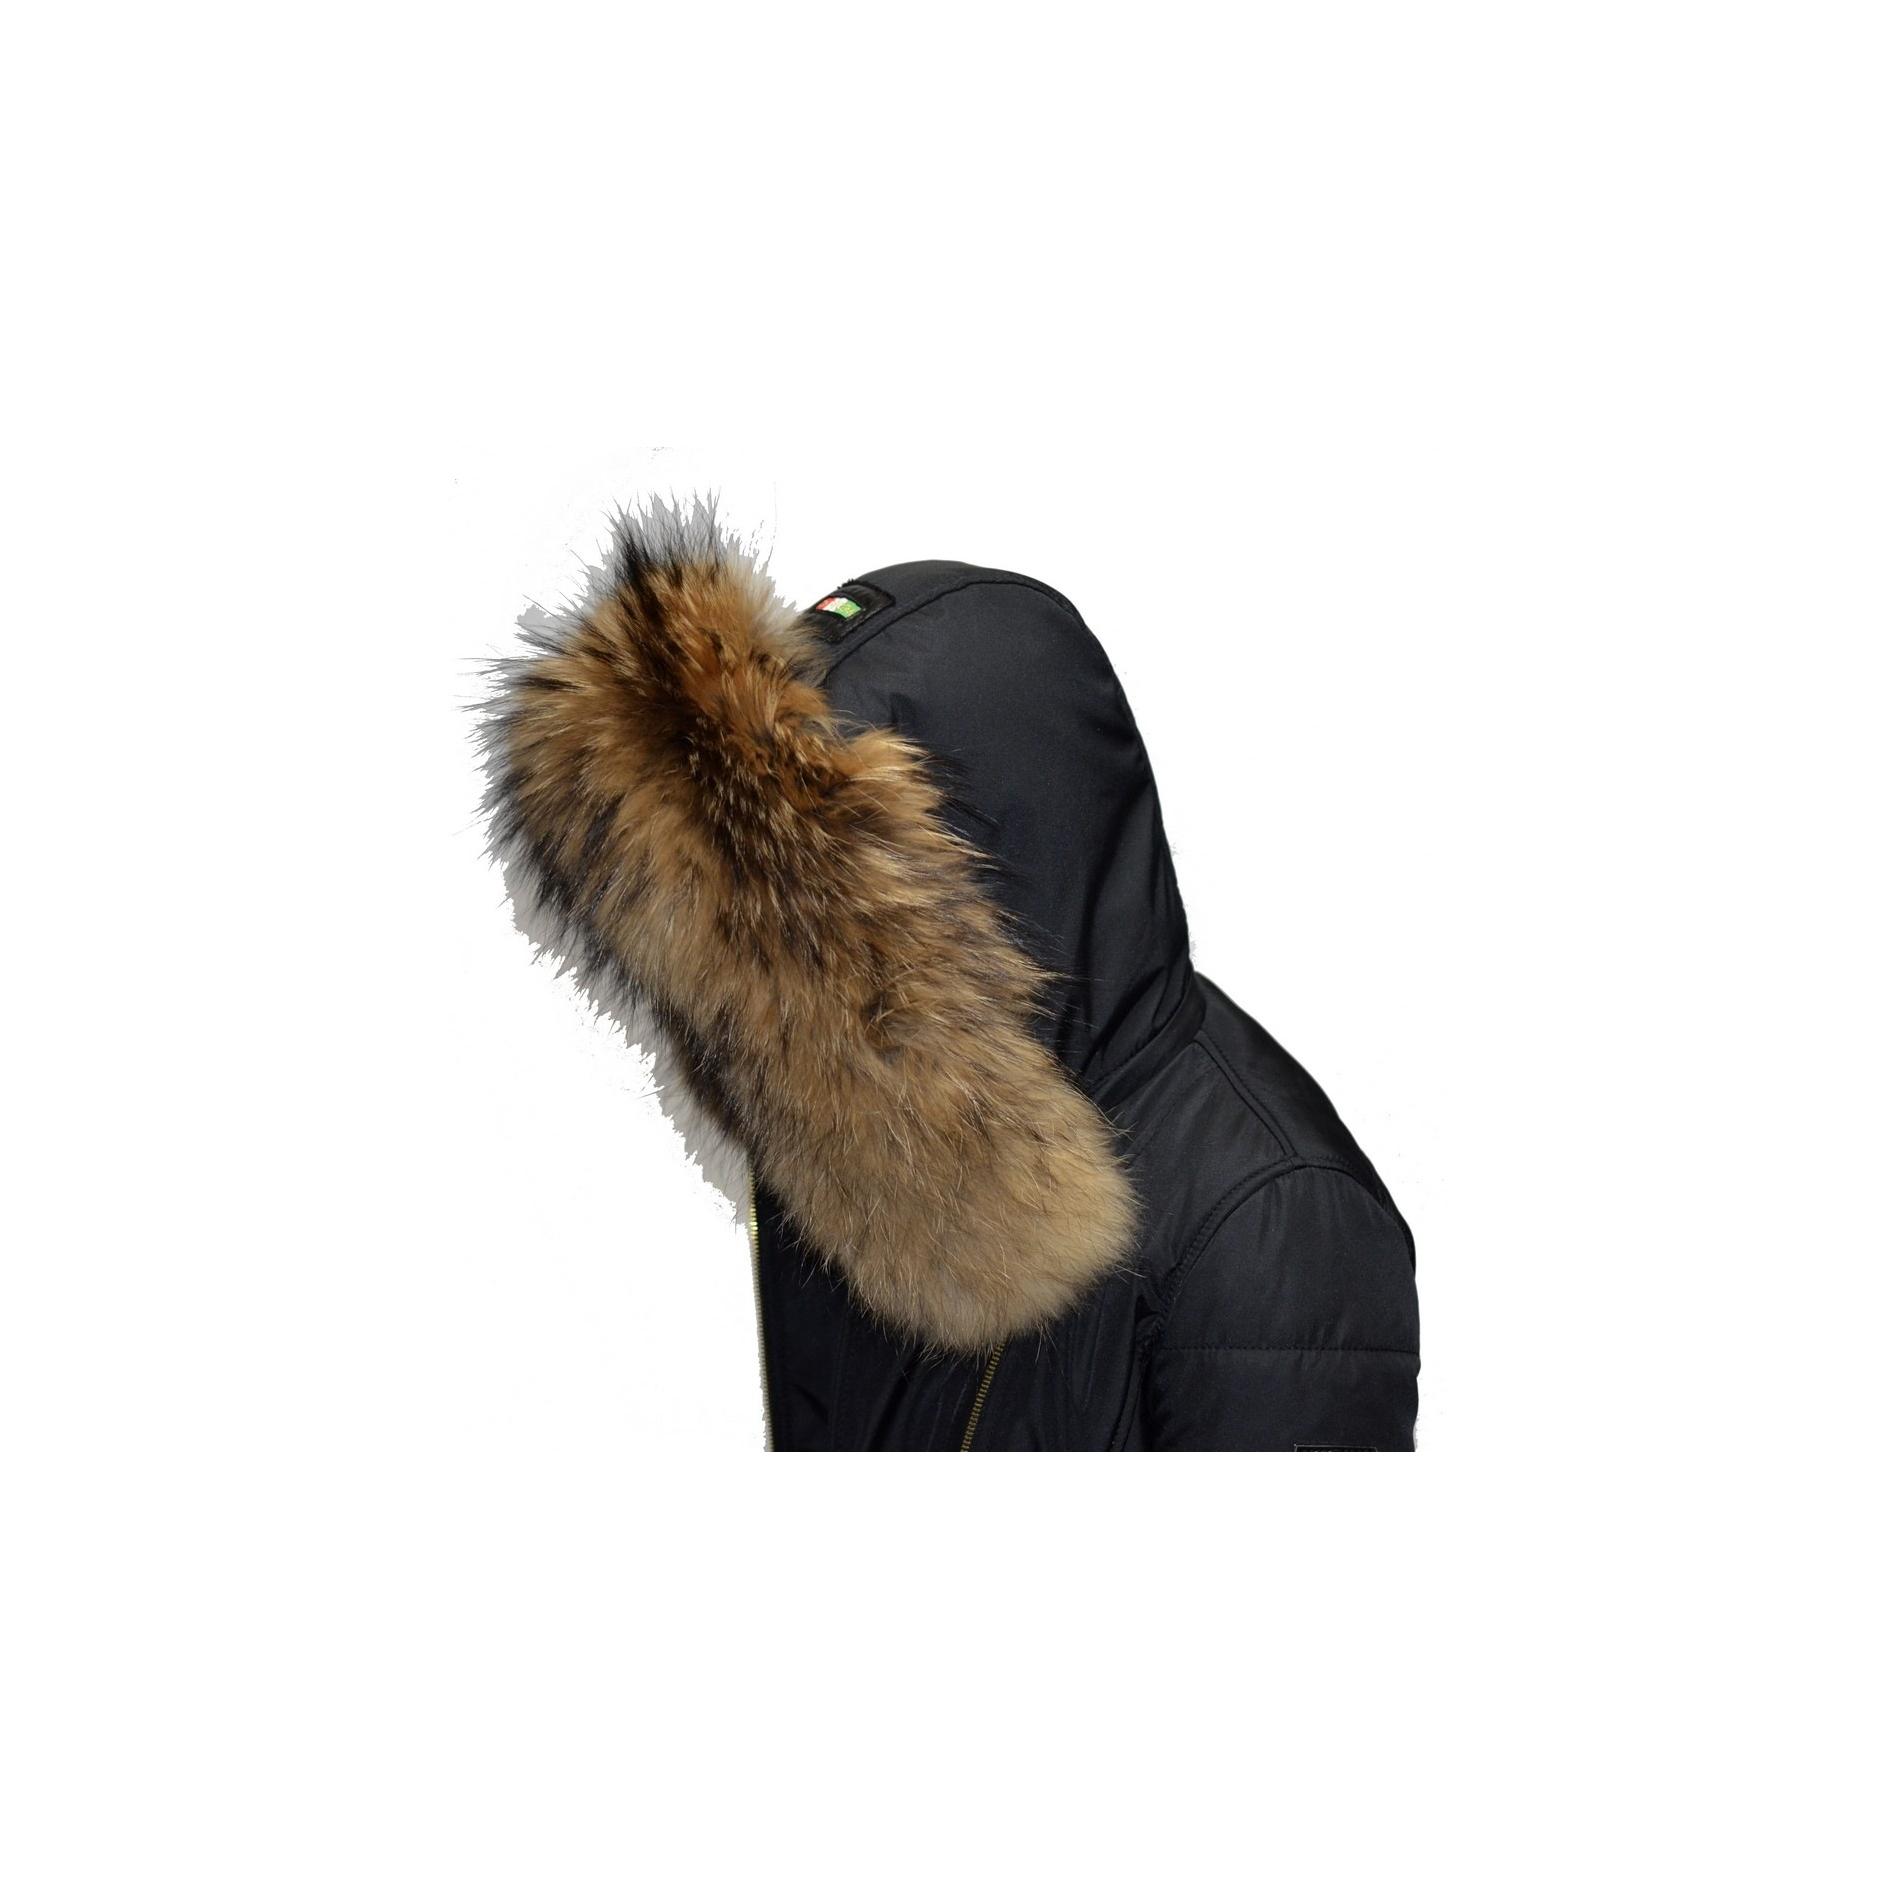 90f59c6e94d EMILY - SOFIA Ventiuno Doudoune perfecto noir avec GROSSE fourrure veritable  noir 13cm et ceinture en cuir d agneau - doudoune ventiuno